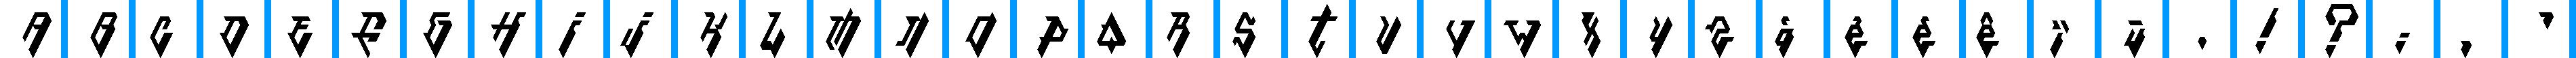 Particip-a-type v.22